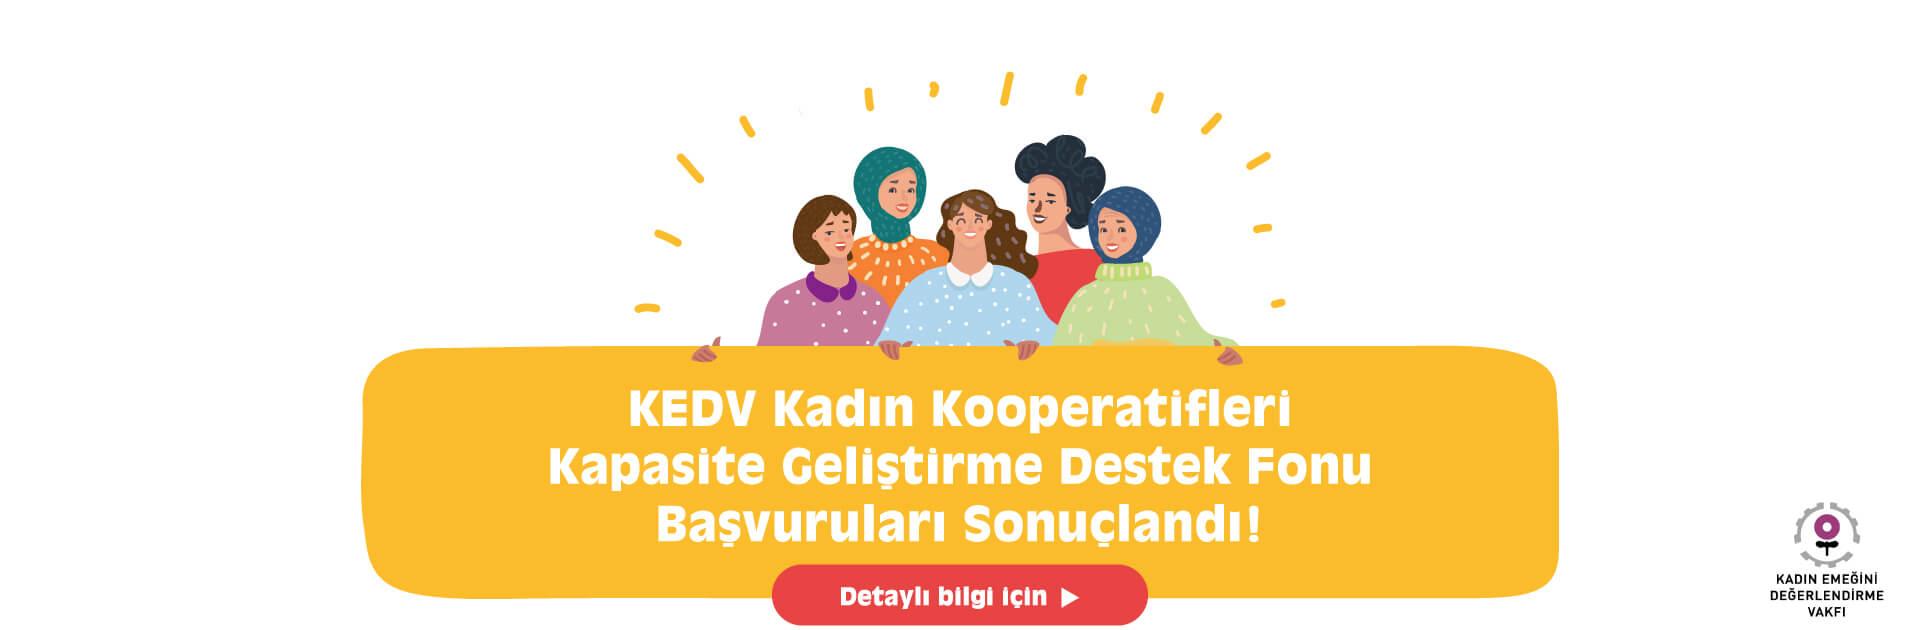 KEDV Kadın Kooperatifleri Kapasite Geliştirme Destek Fonu Başvuruları Sonuçlandı